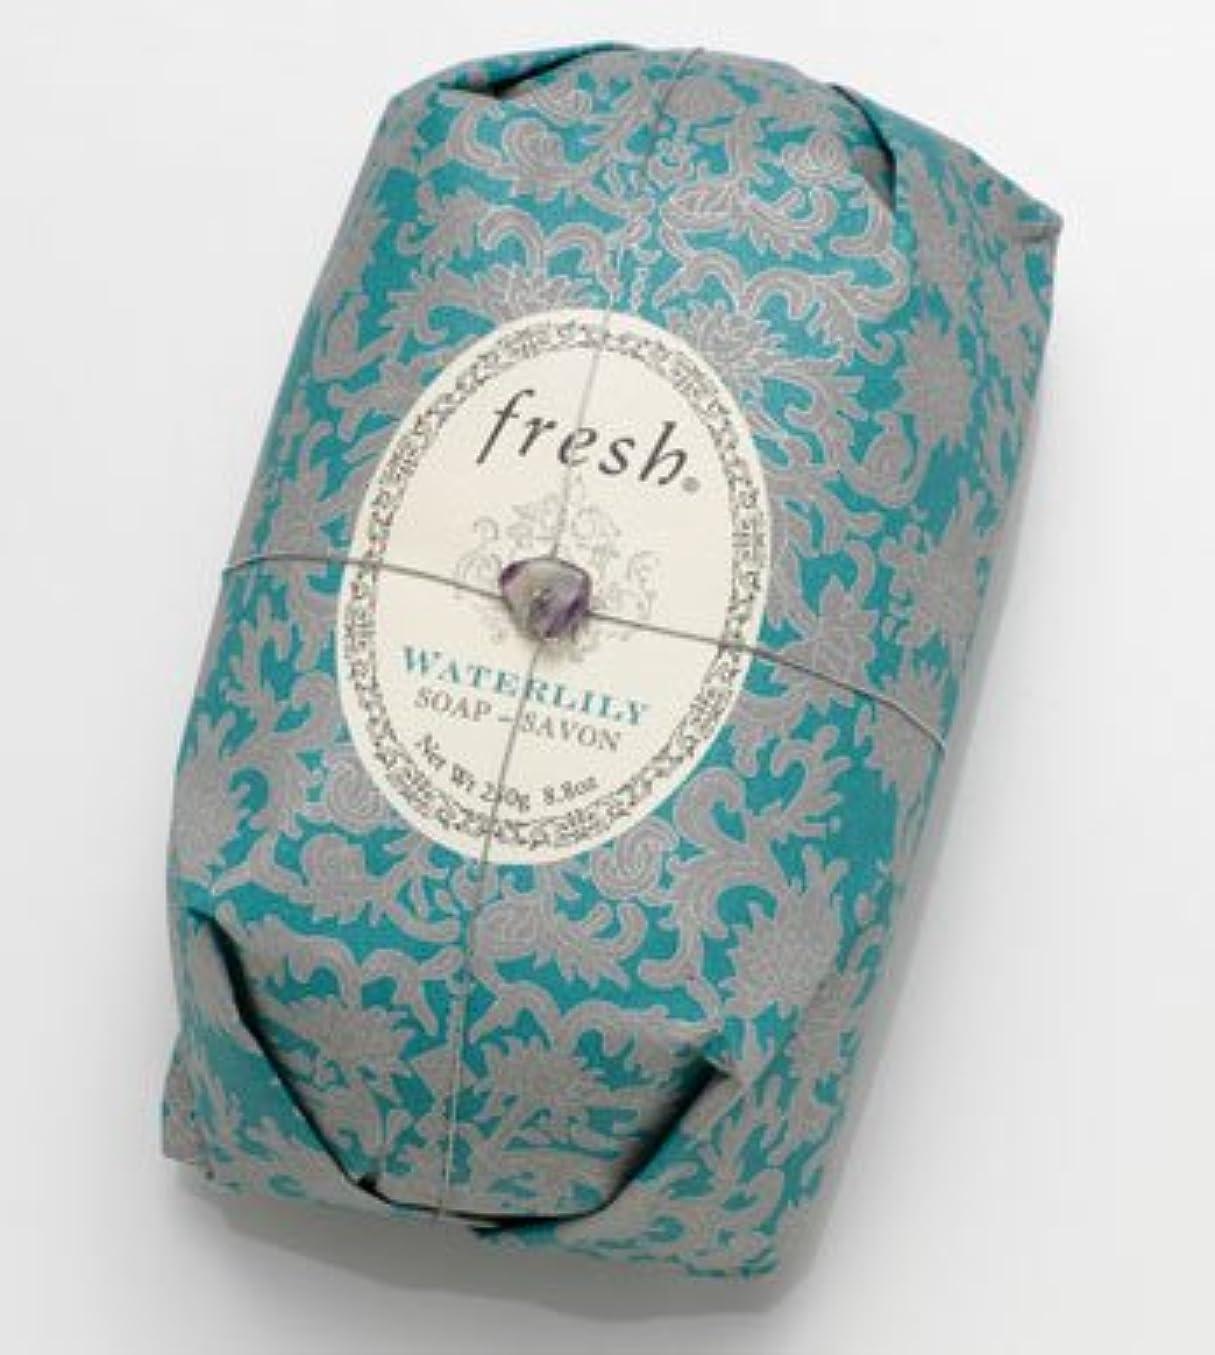 脅威予感終了するFresh WATERLILY SOAP (フレッシュ ウオーターリリー ソープ) 8.8 oz (250g) Soap (石鹸) by Fresh